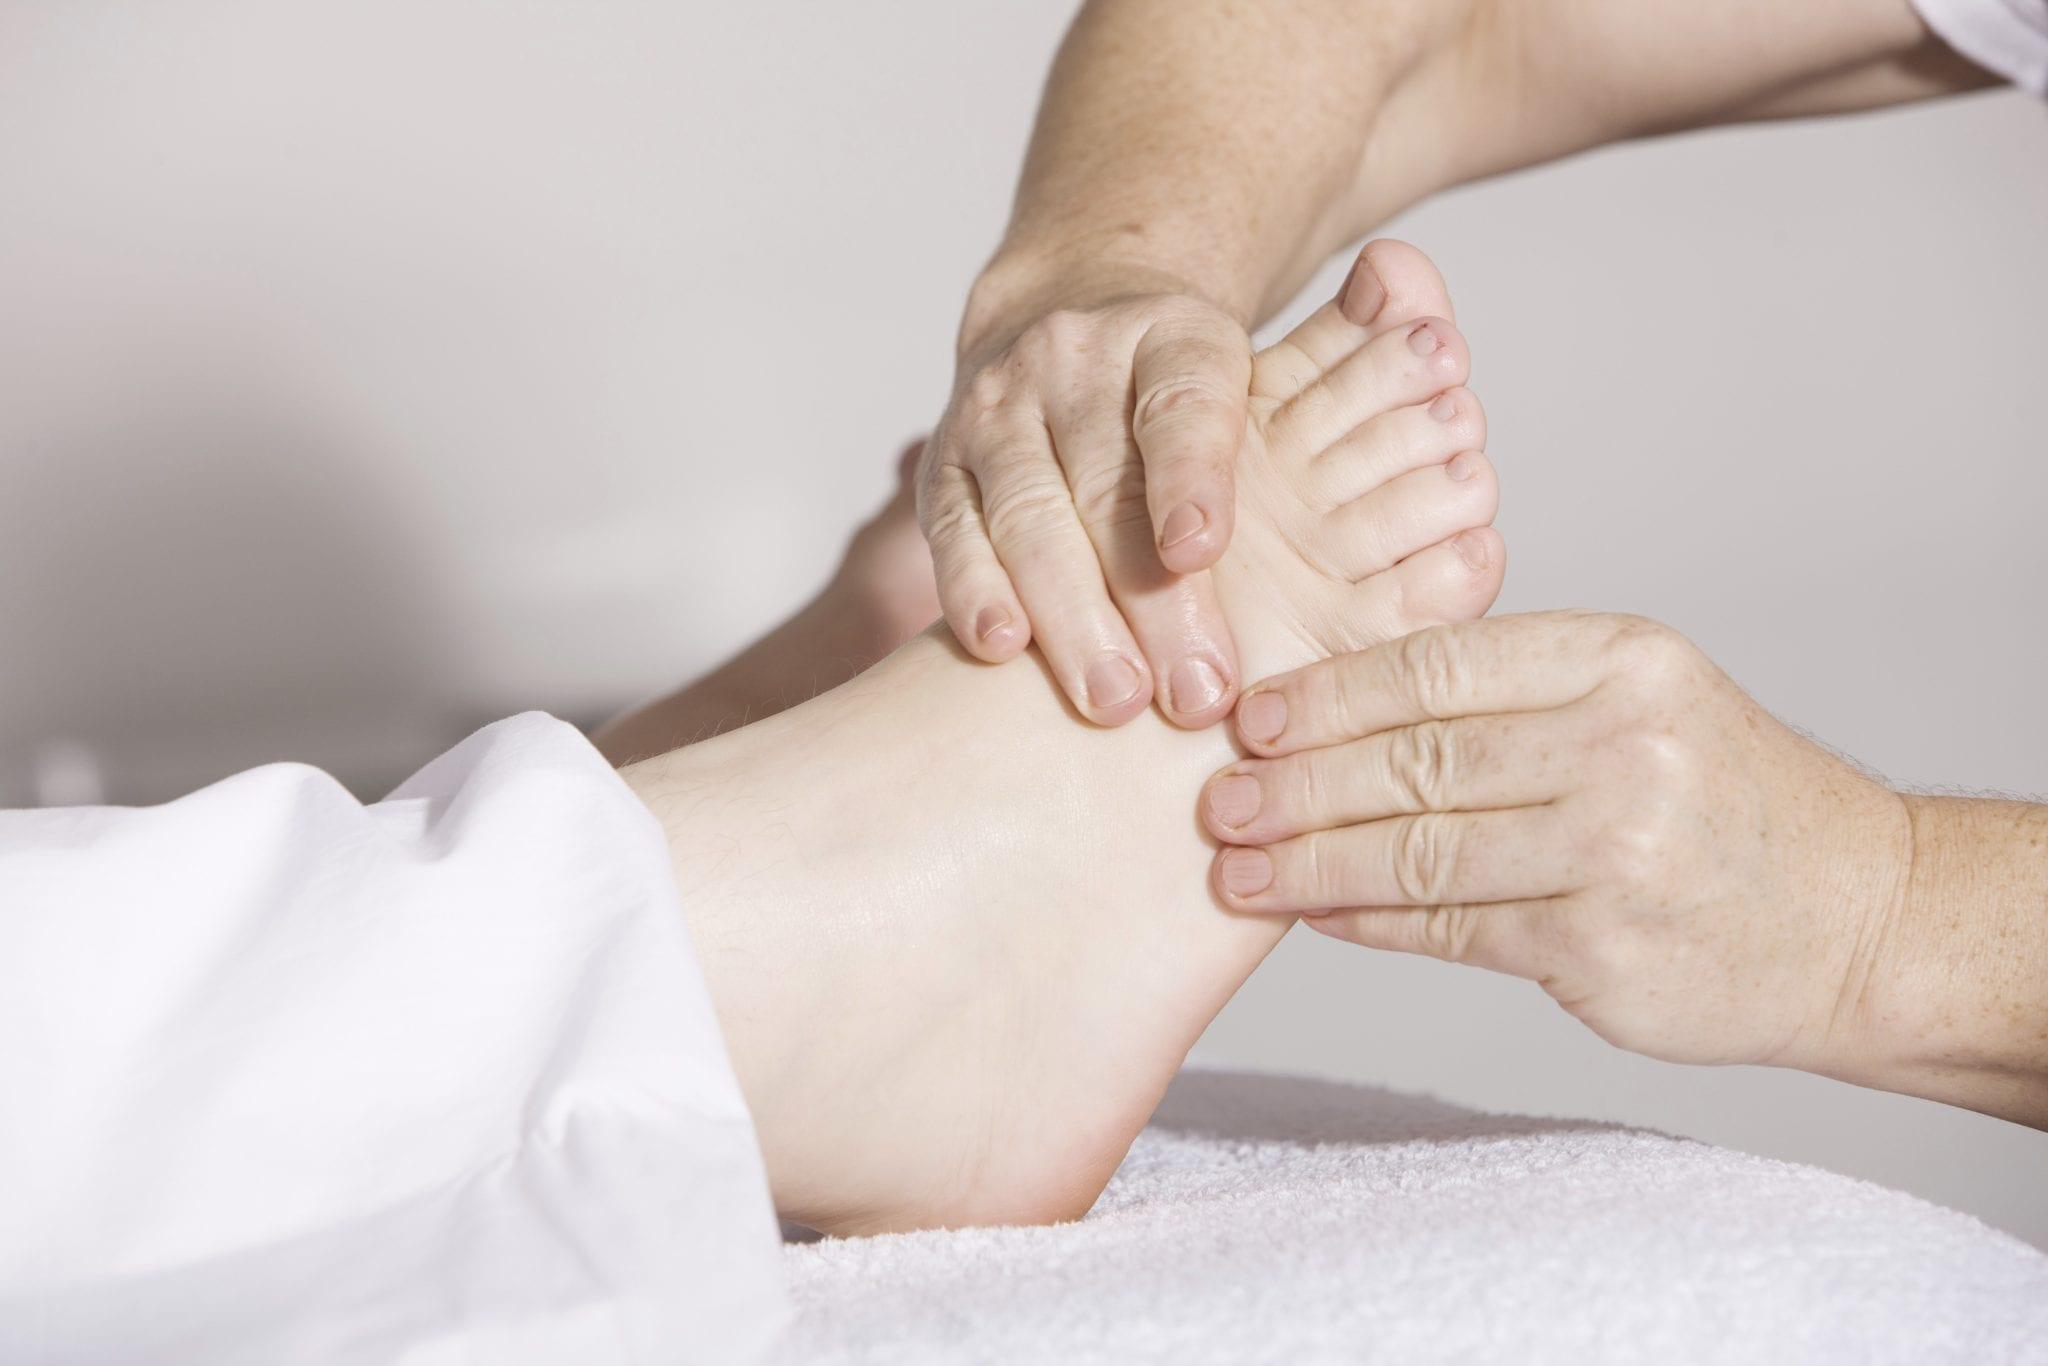 Lymfmassage och tips om din lymfhälsa